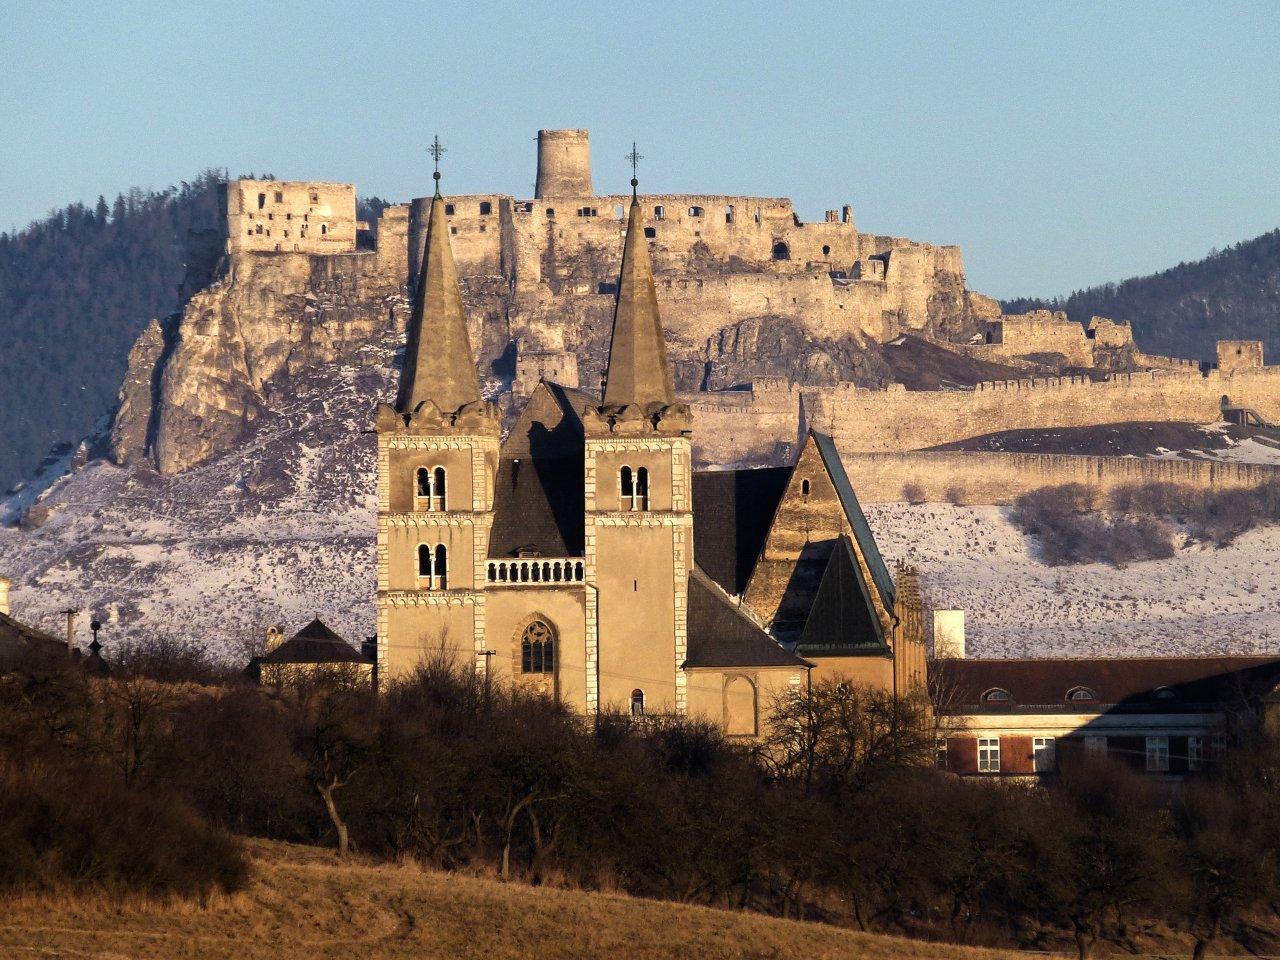 Spišská Kapitula and Spišské Podhradie with Spiš castle in the background, Best of Slovakia